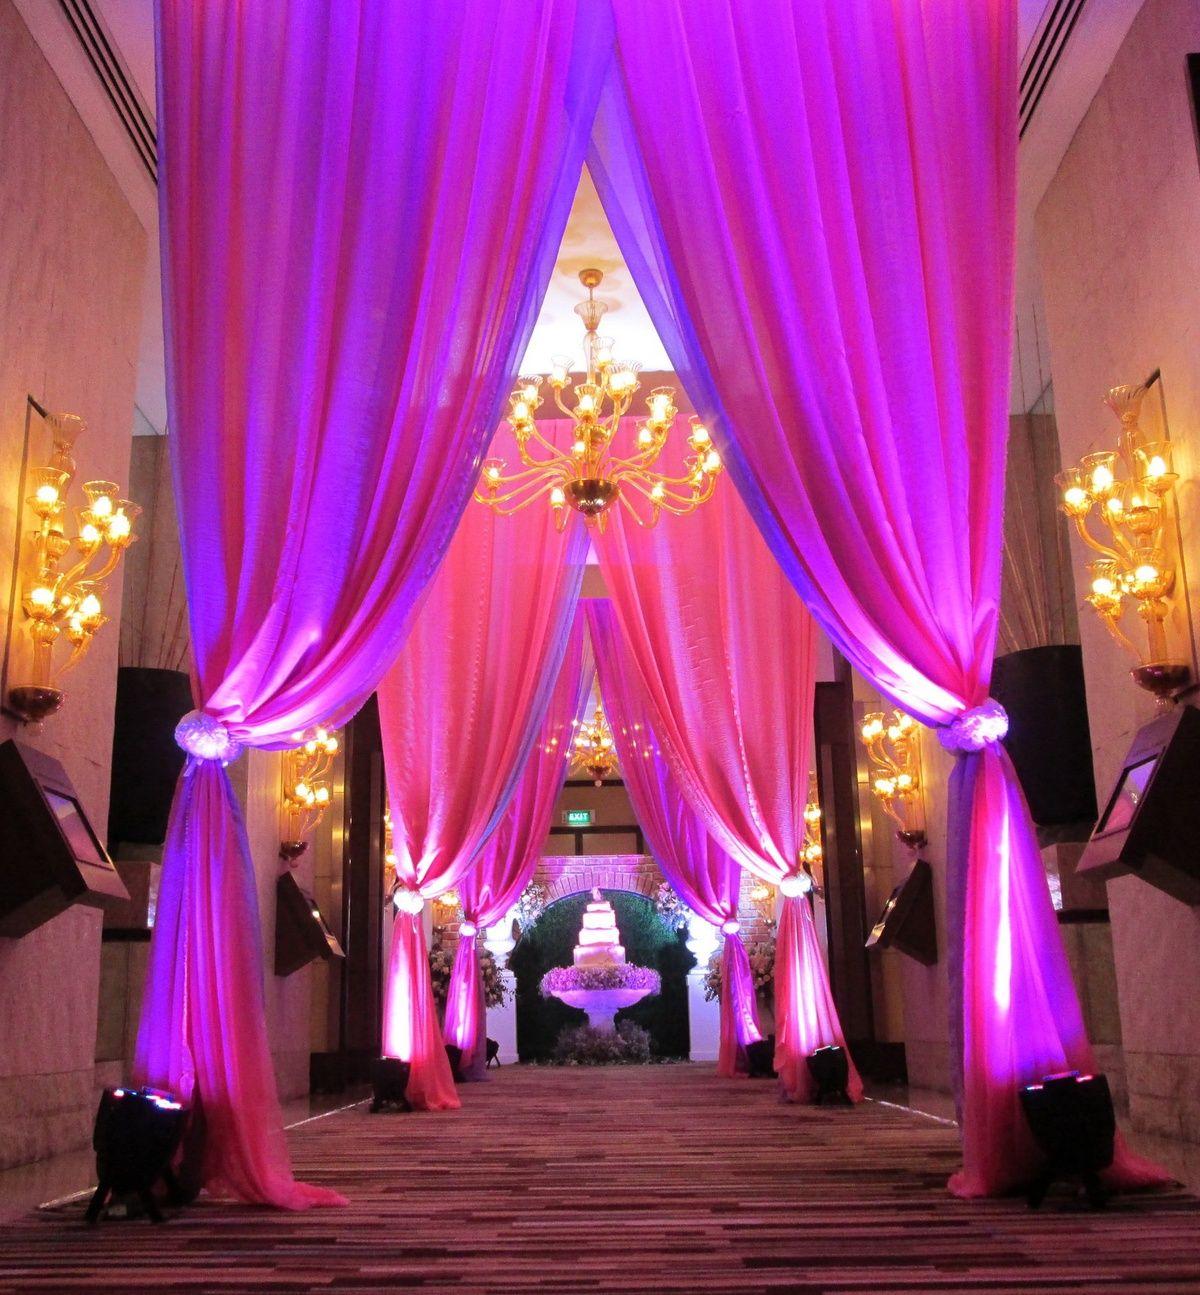 Modern Wedding Backdrop Ideas: Wedding Reception Backdrop